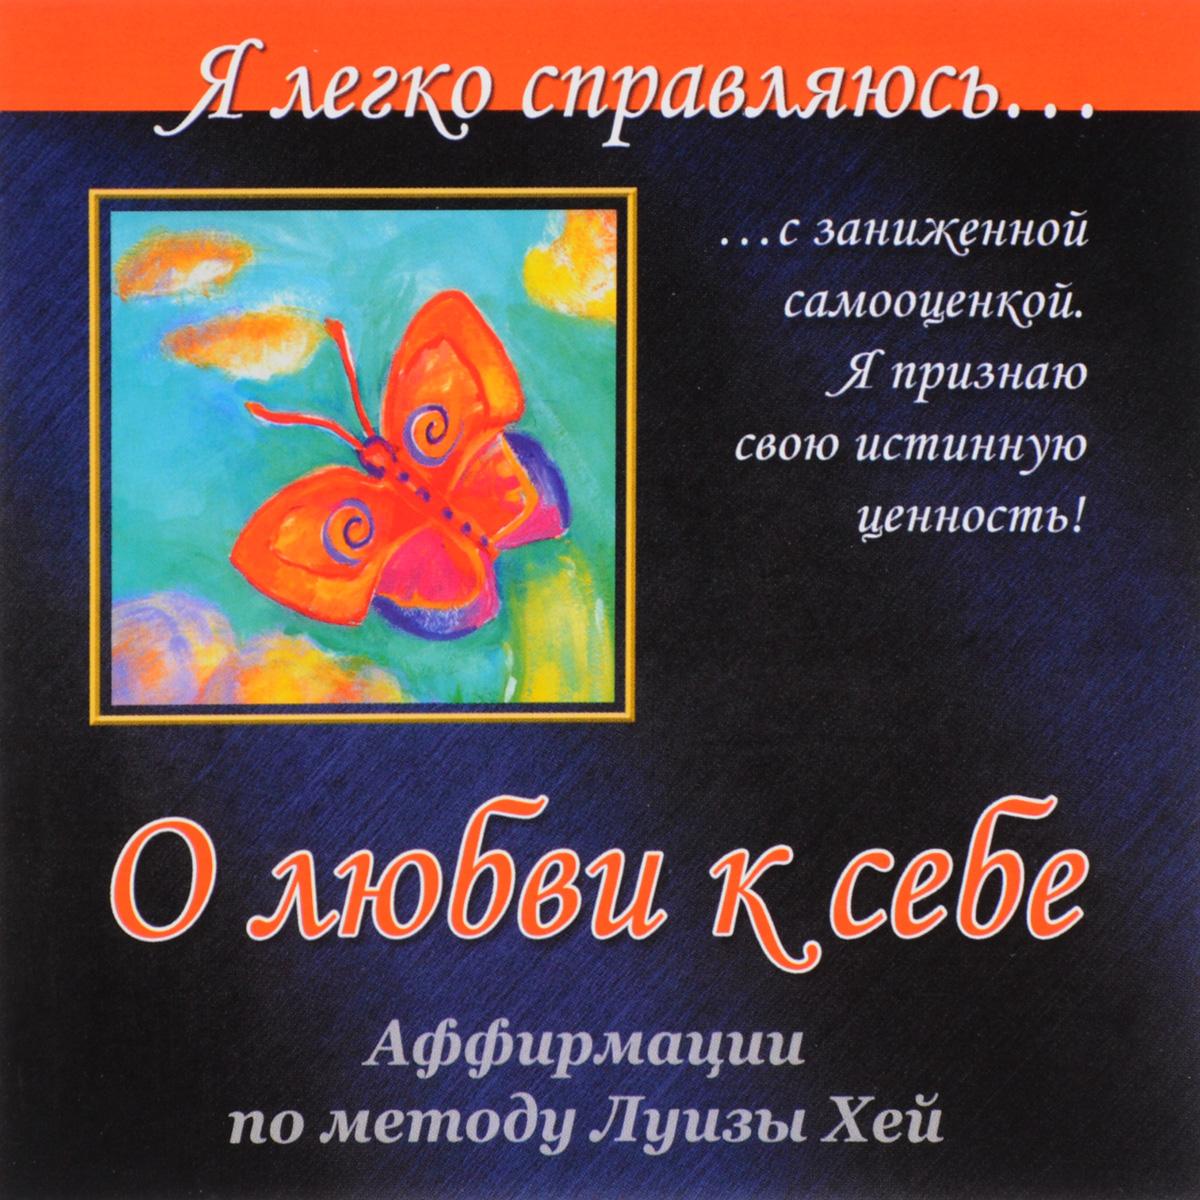 Ангелина Могилевская Ангелина Могилевская. О любви к себе. Я легко справляюсь... с заниженной самооценкой